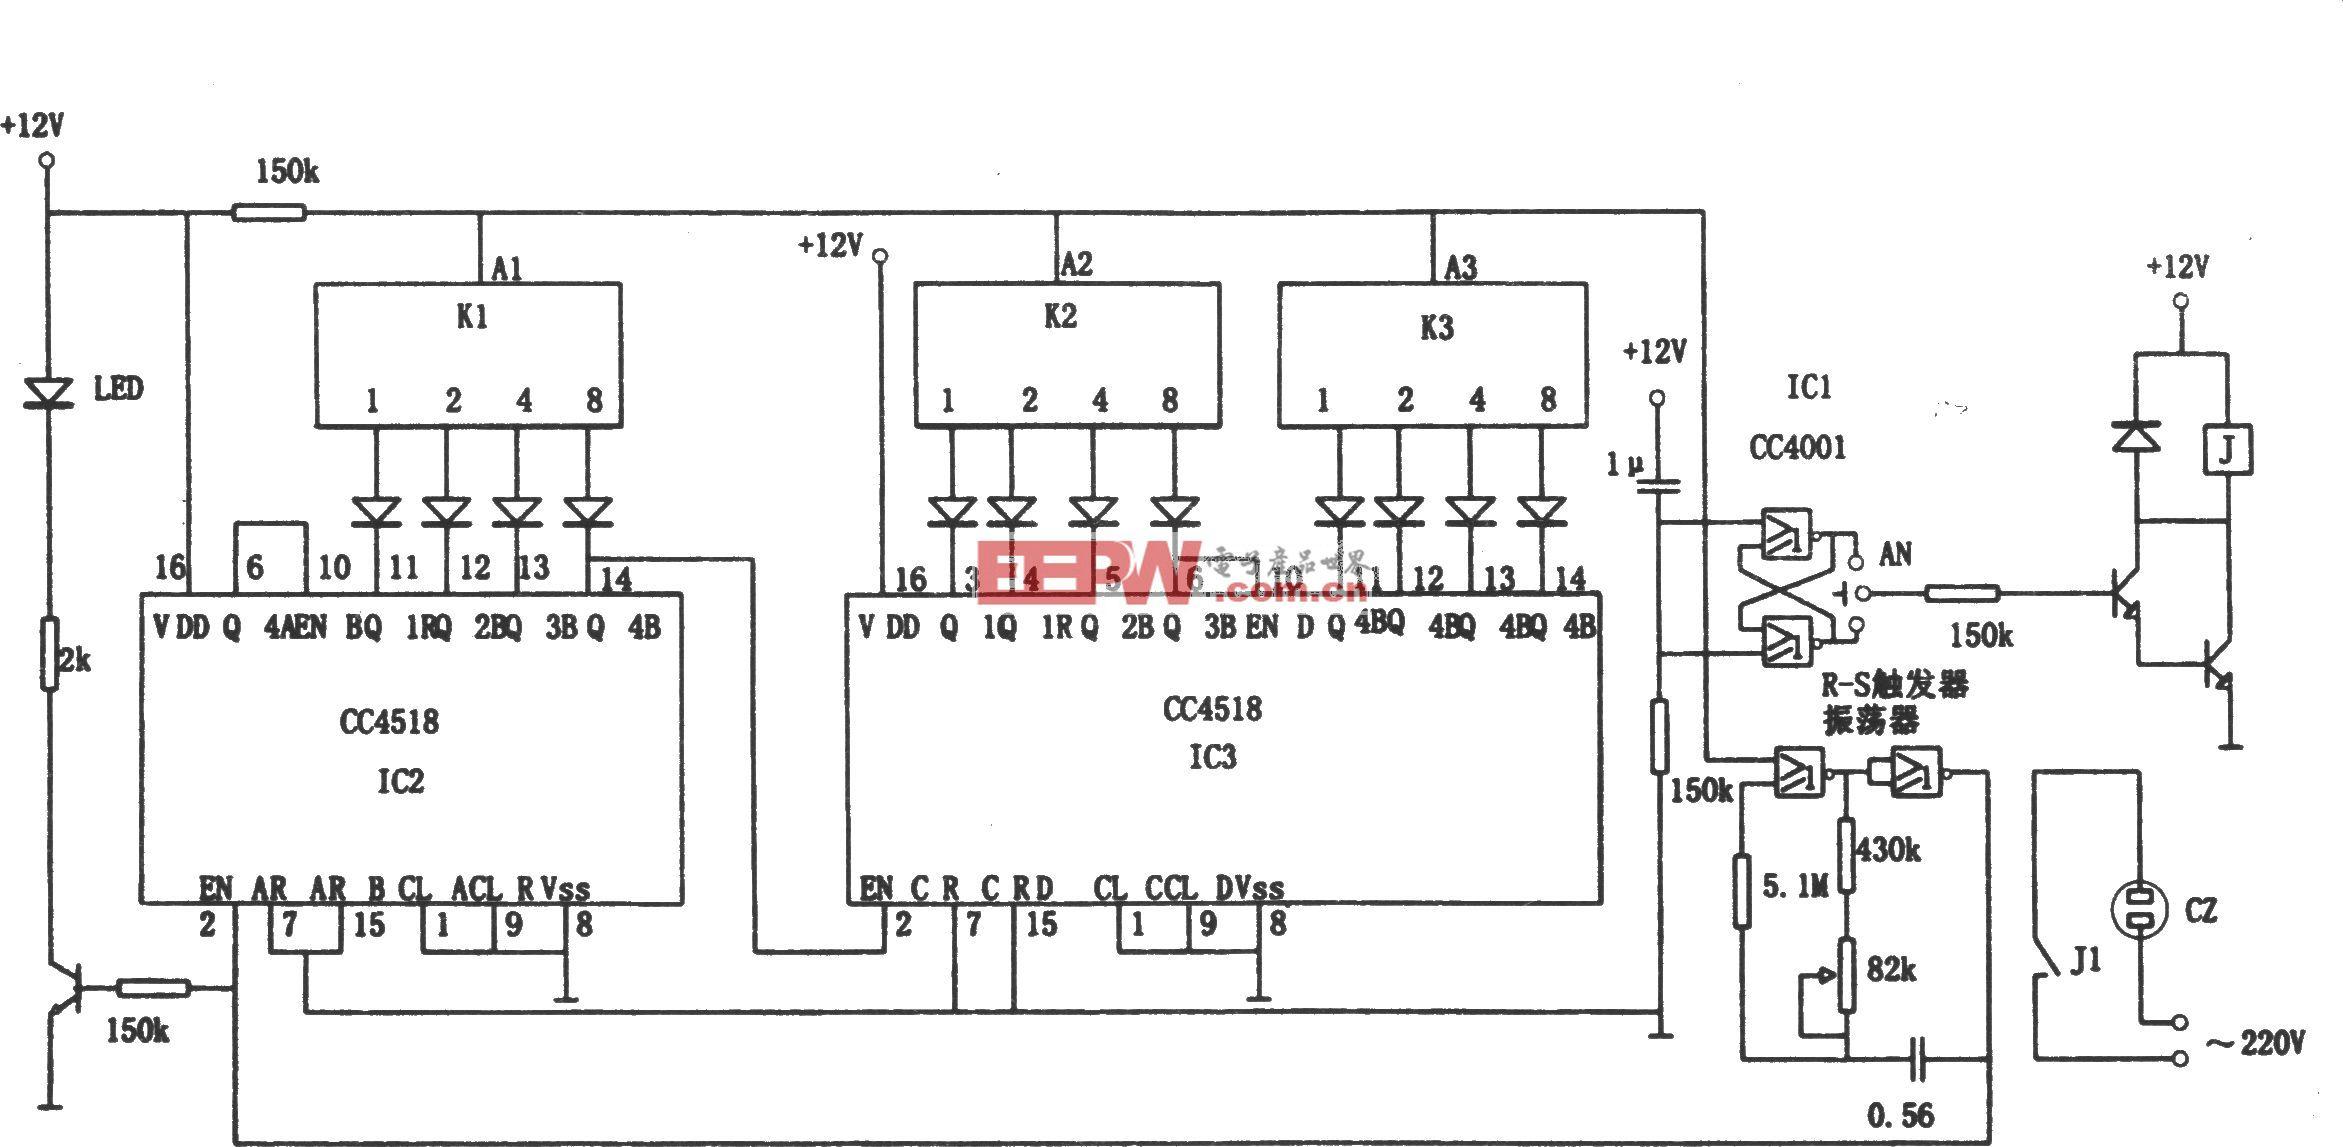 高可靠通用定时器(CC4518、CC4001)